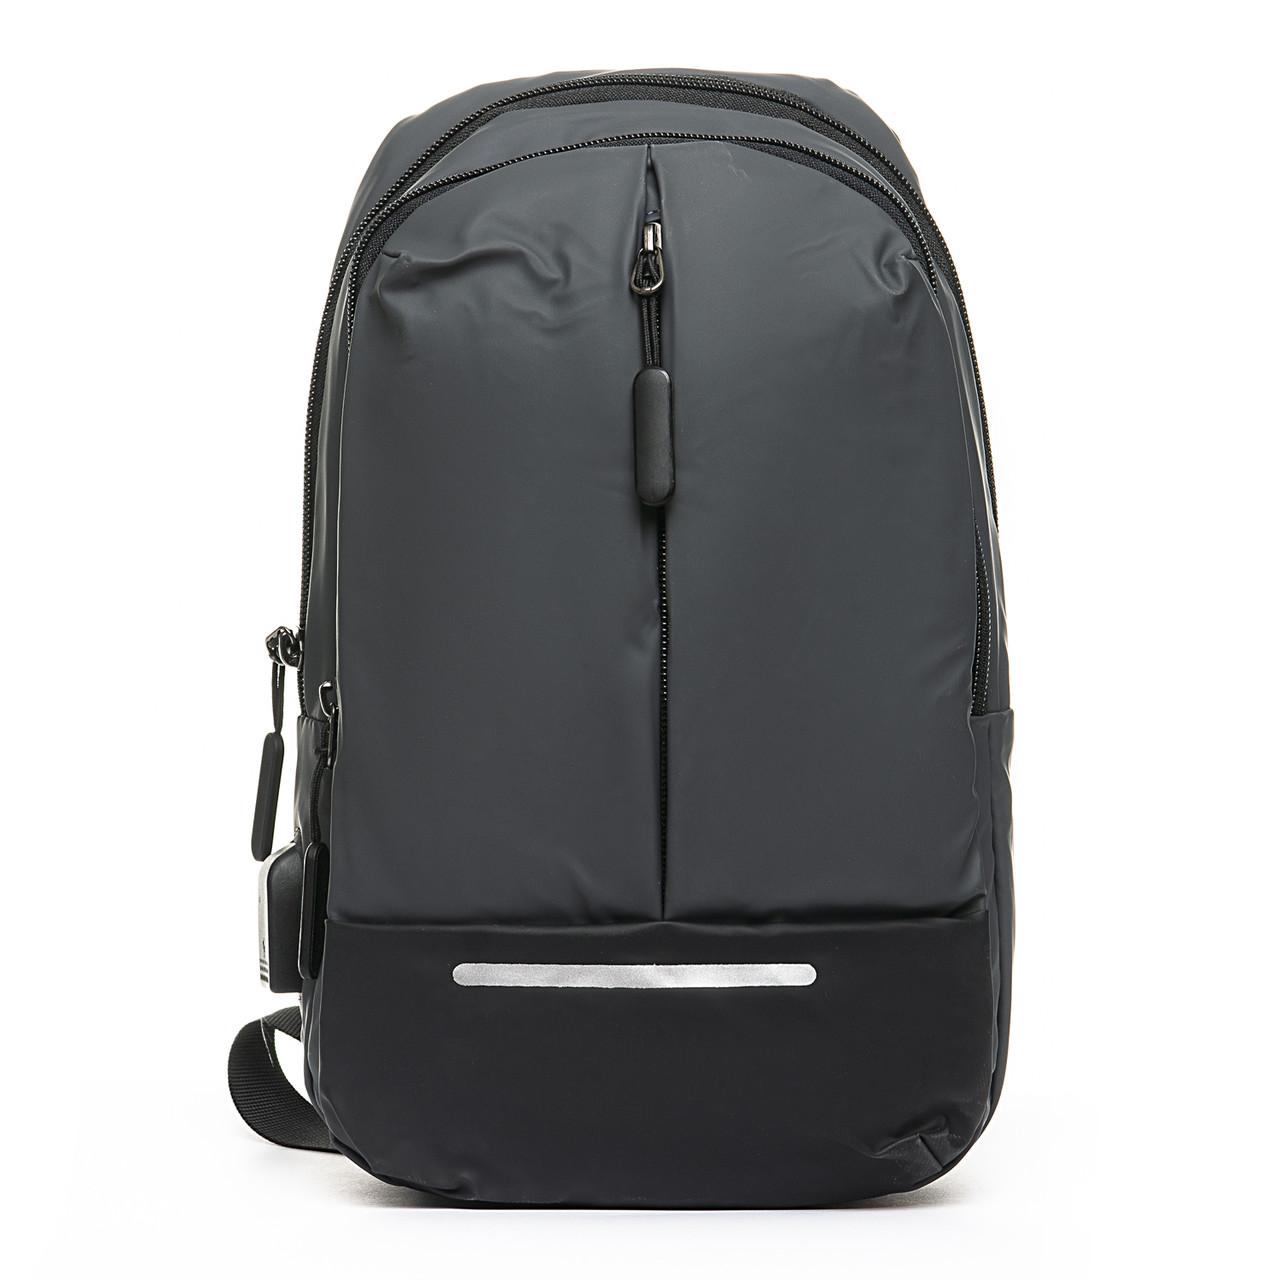 Мужская сумка через плече Lanpad 18 x 32 x 10 см Серый (4066/3)